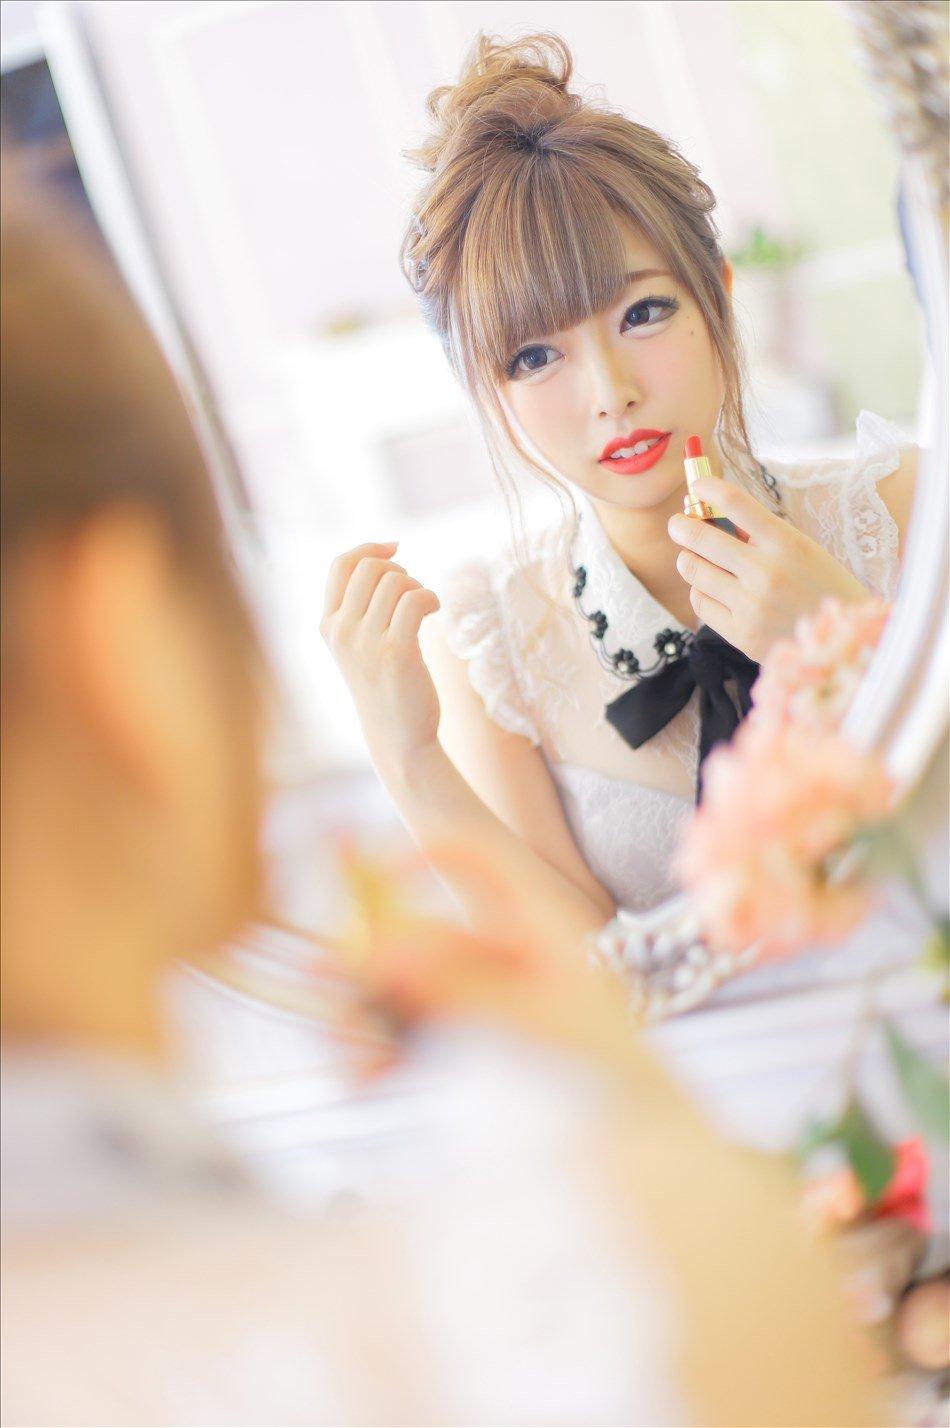 しらたまだんごこと「神咲 せいら」ちゃんのNEWプロフィール写真!